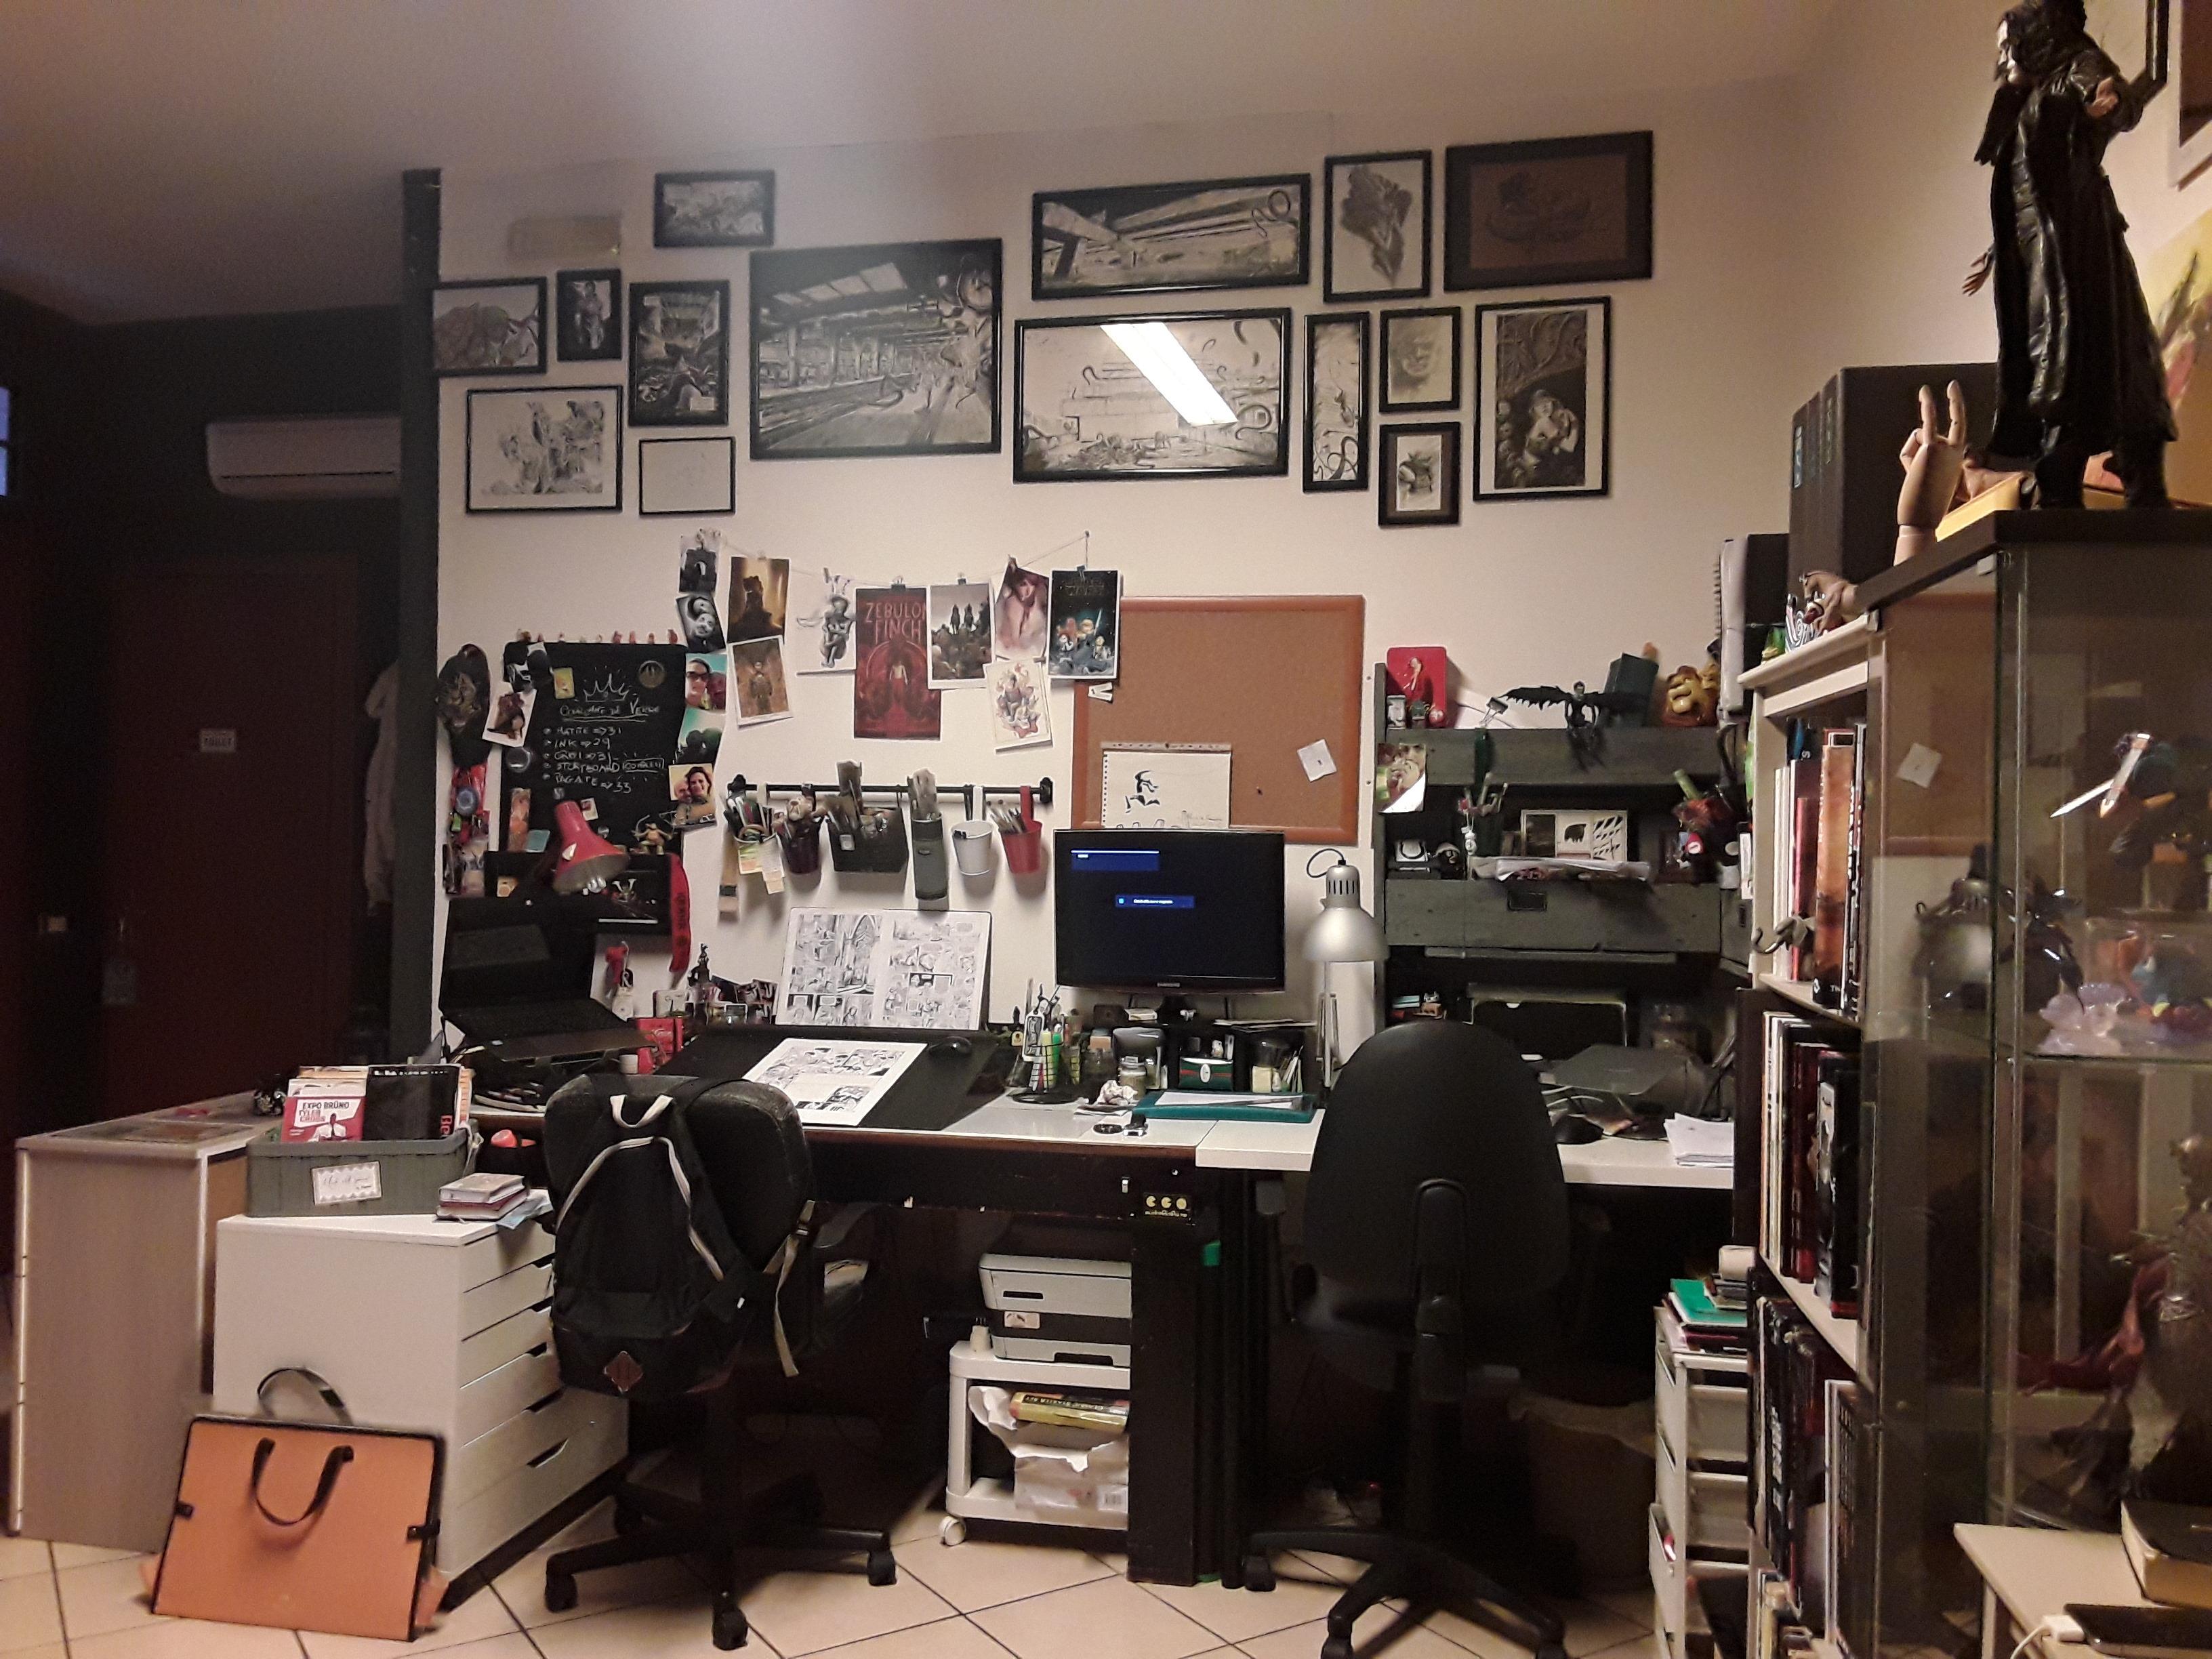 atelier-t-bennato-07